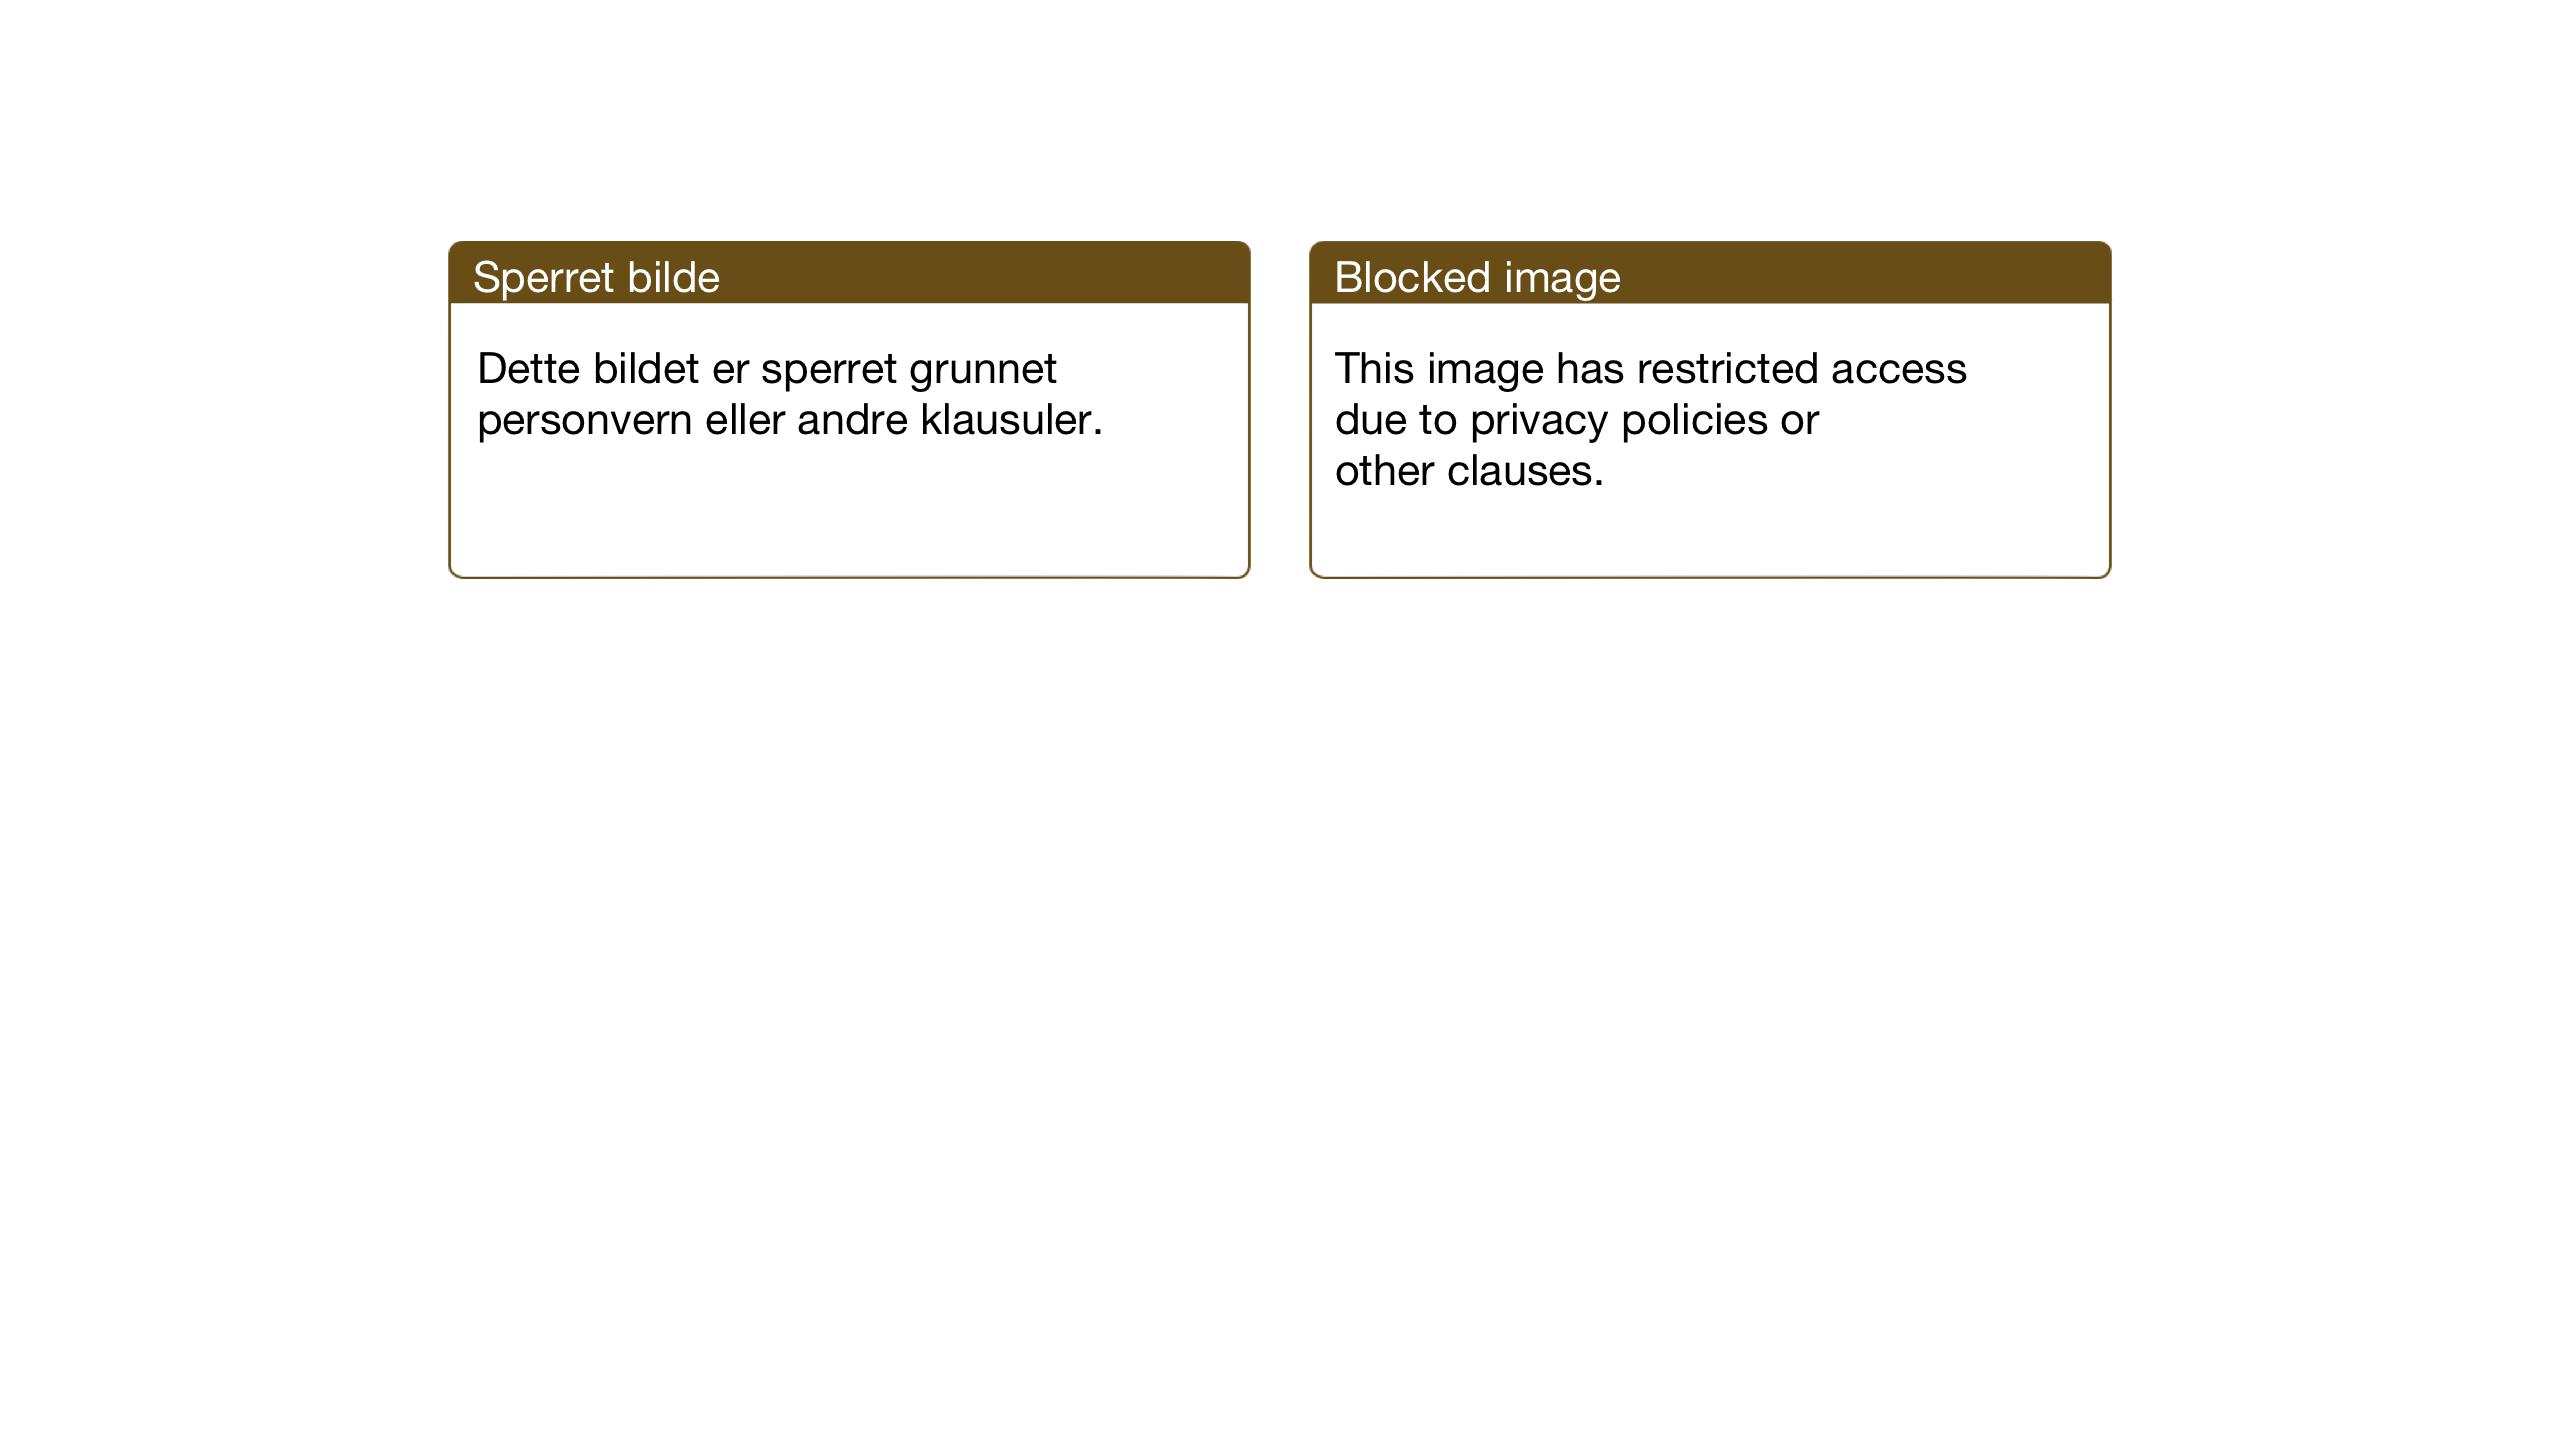 SAT, Ministerialprotokoller, klokkerbøker og fødselsregistre - Sør-Trøndelag, 613/L0396: Klokkerbok nr. 613C04, 1902-1938